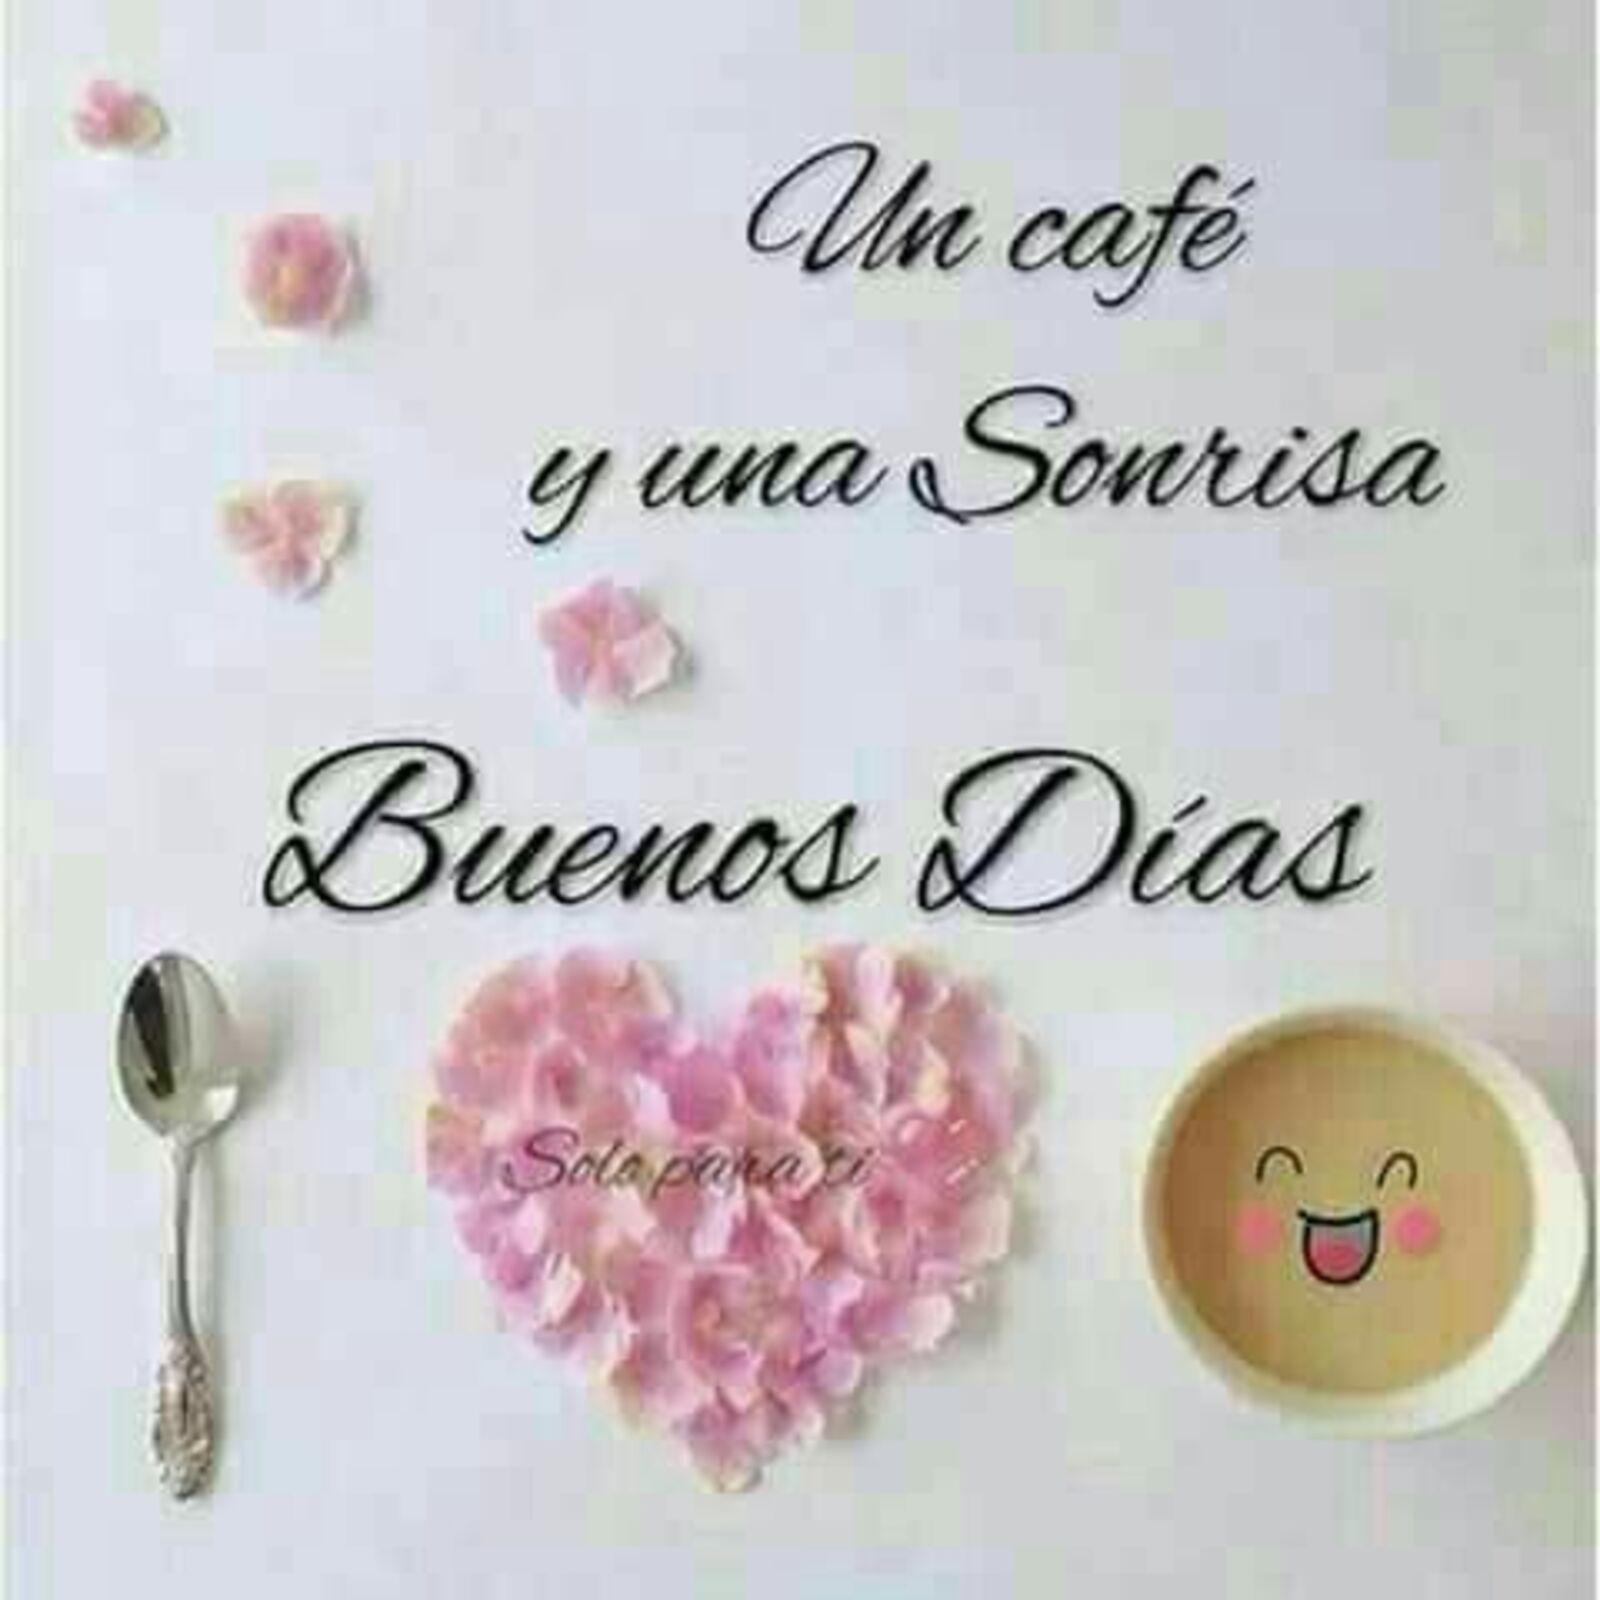 Un café y una sonrisa...Buenos días